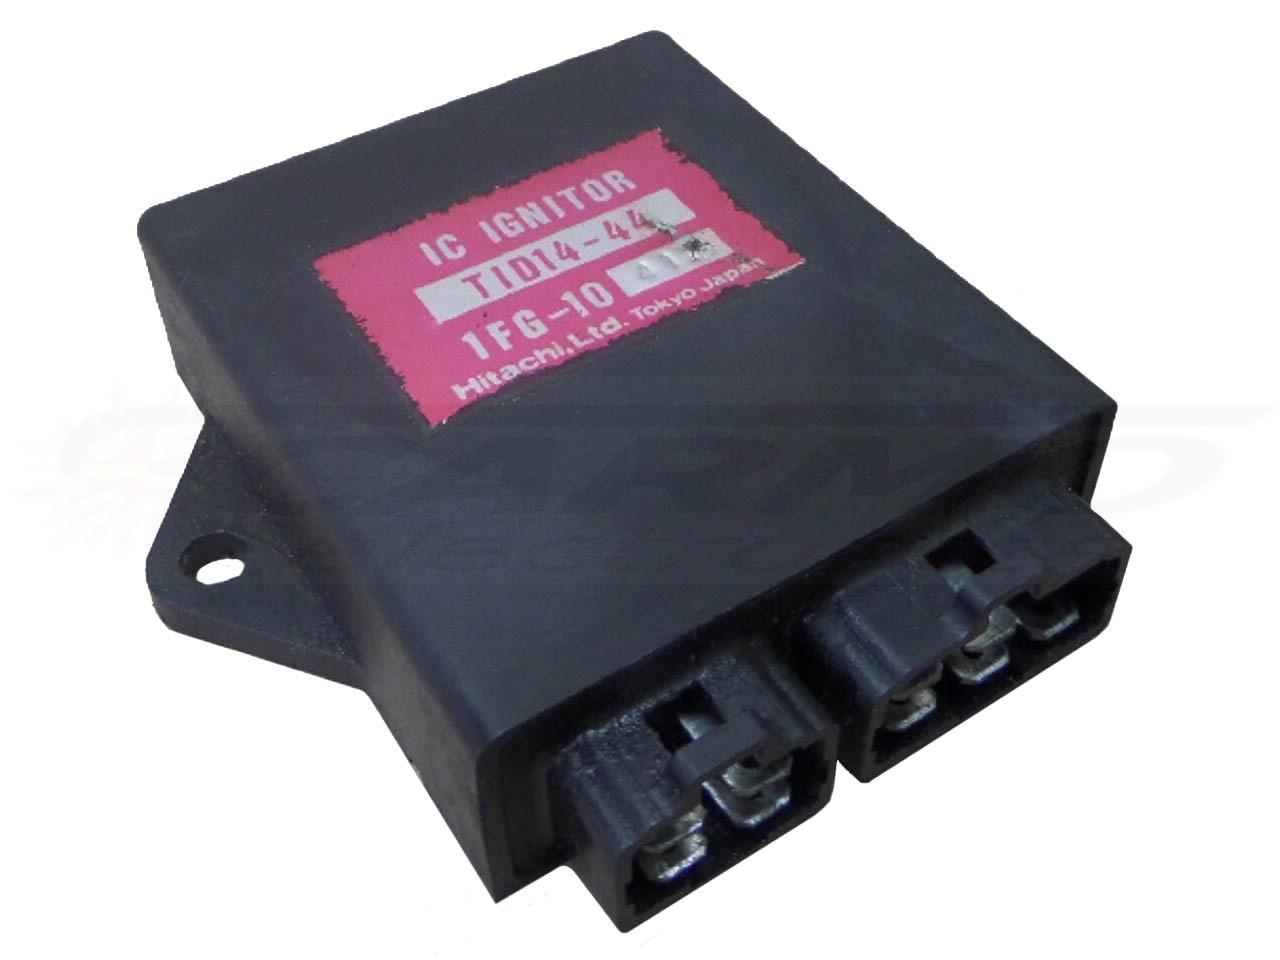 XJ700 Maxim CDI TCI igniter unit (TID14-35, TID14-44, TID14